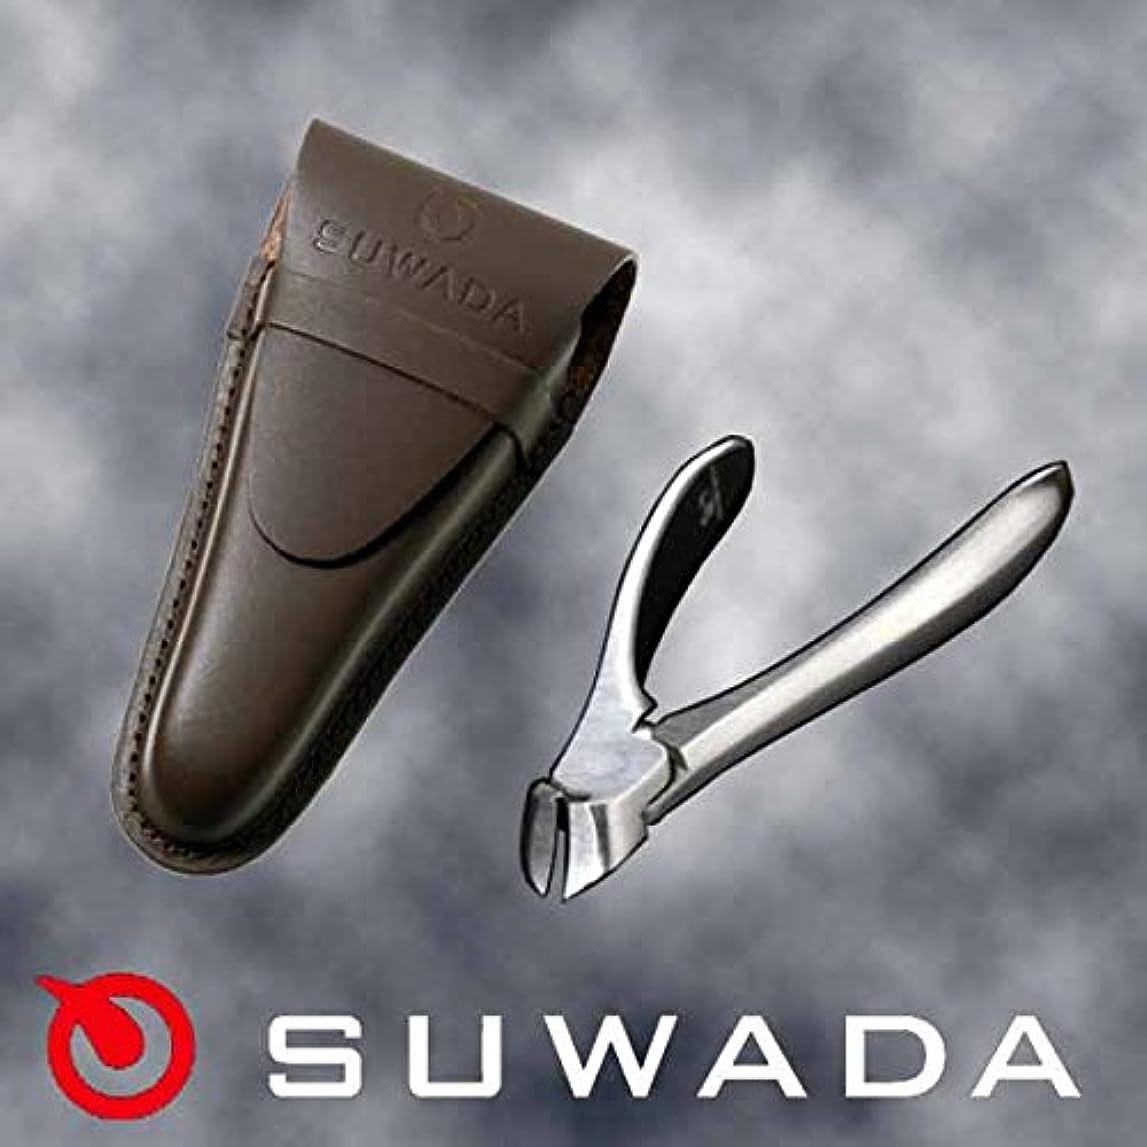 クラシカルユーモアの面ではSUWADA爪切りクラシックS&ブラウン(茶)革ケースセット 特注モデル 諏訪田製作所製 スワダの爪切り